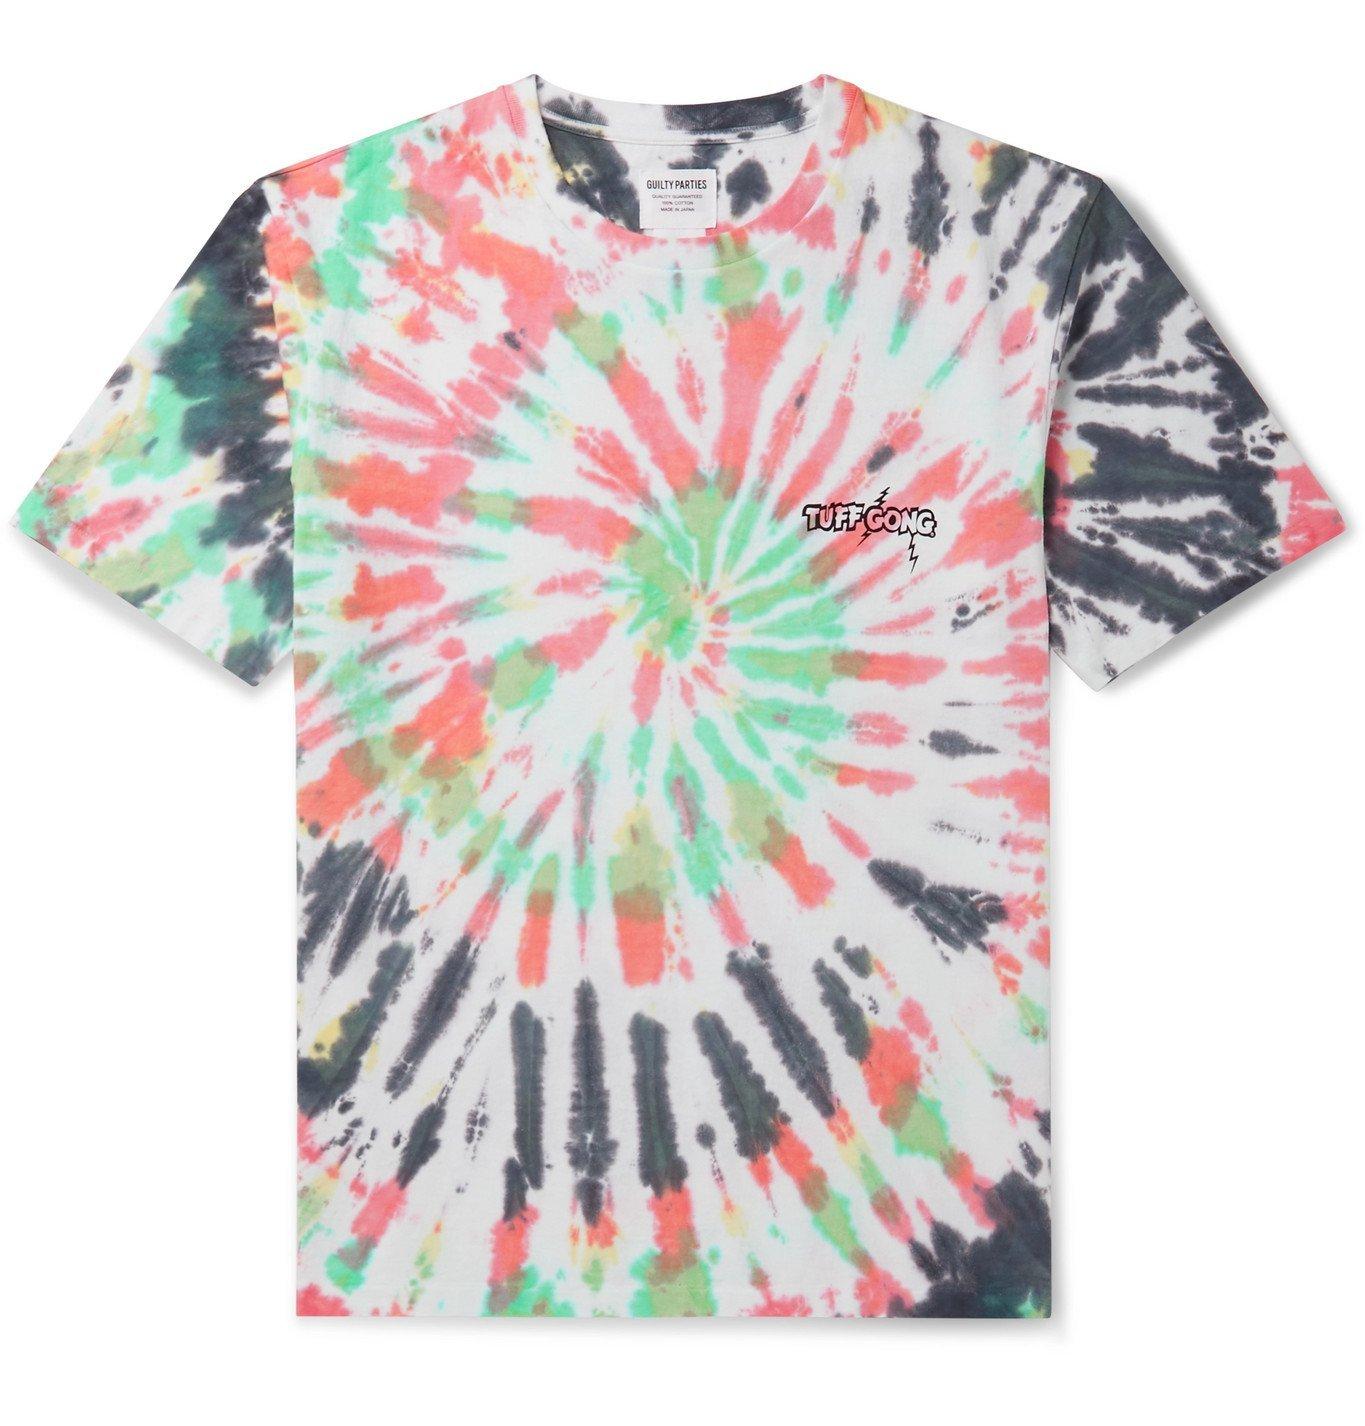 Photo: Wacko Maria - Tuff Gong Logo-Print Tie-Dyed Cotton-Jersey T-Shirt - Green